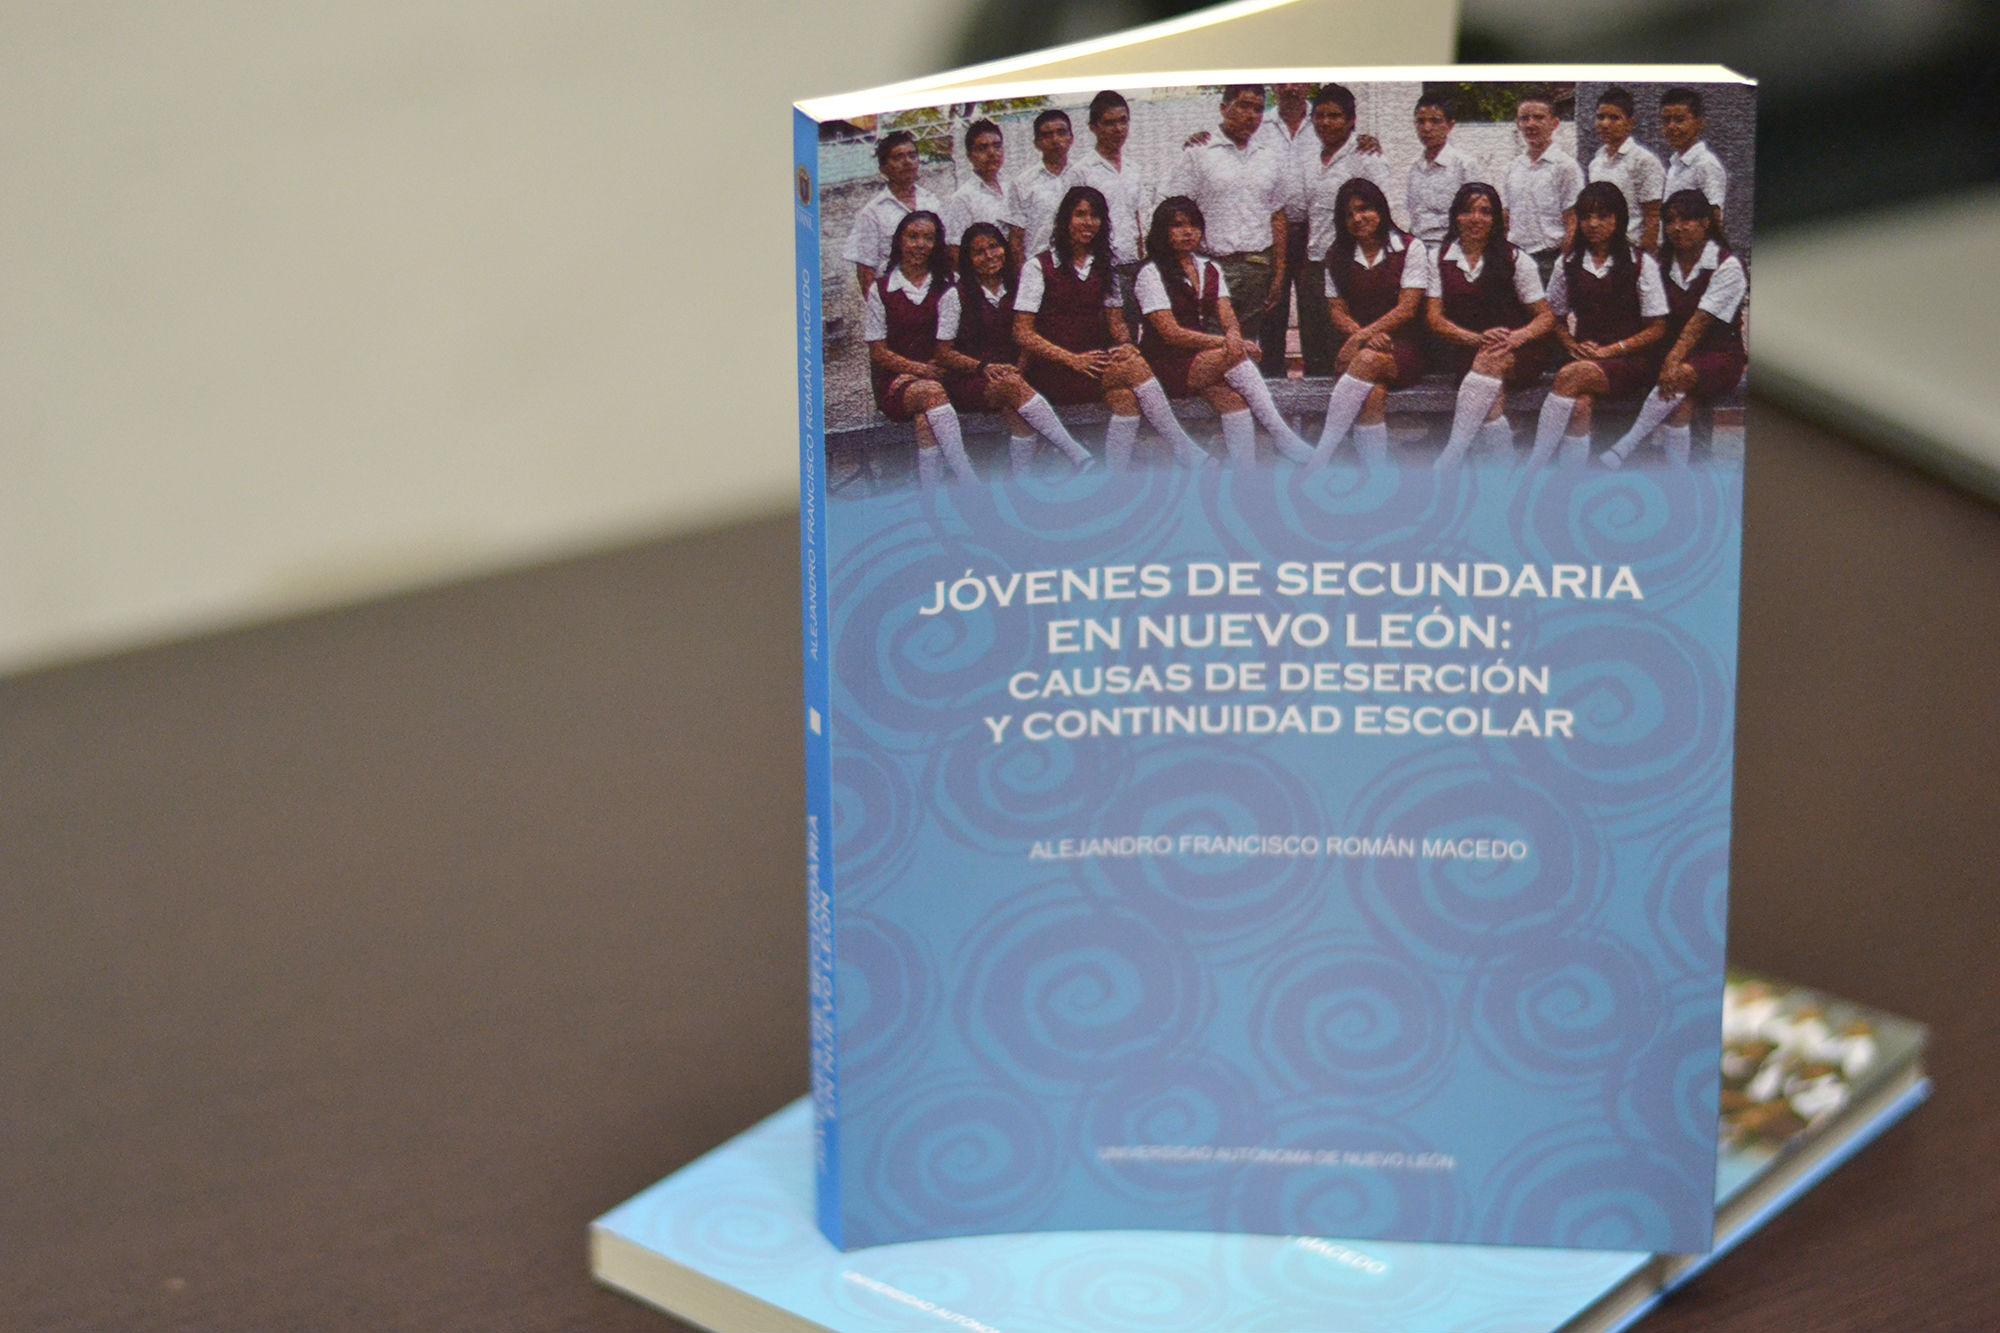 Jóvenes de secundaria en Nuevo León: Causas de deserción y continuidad escolar